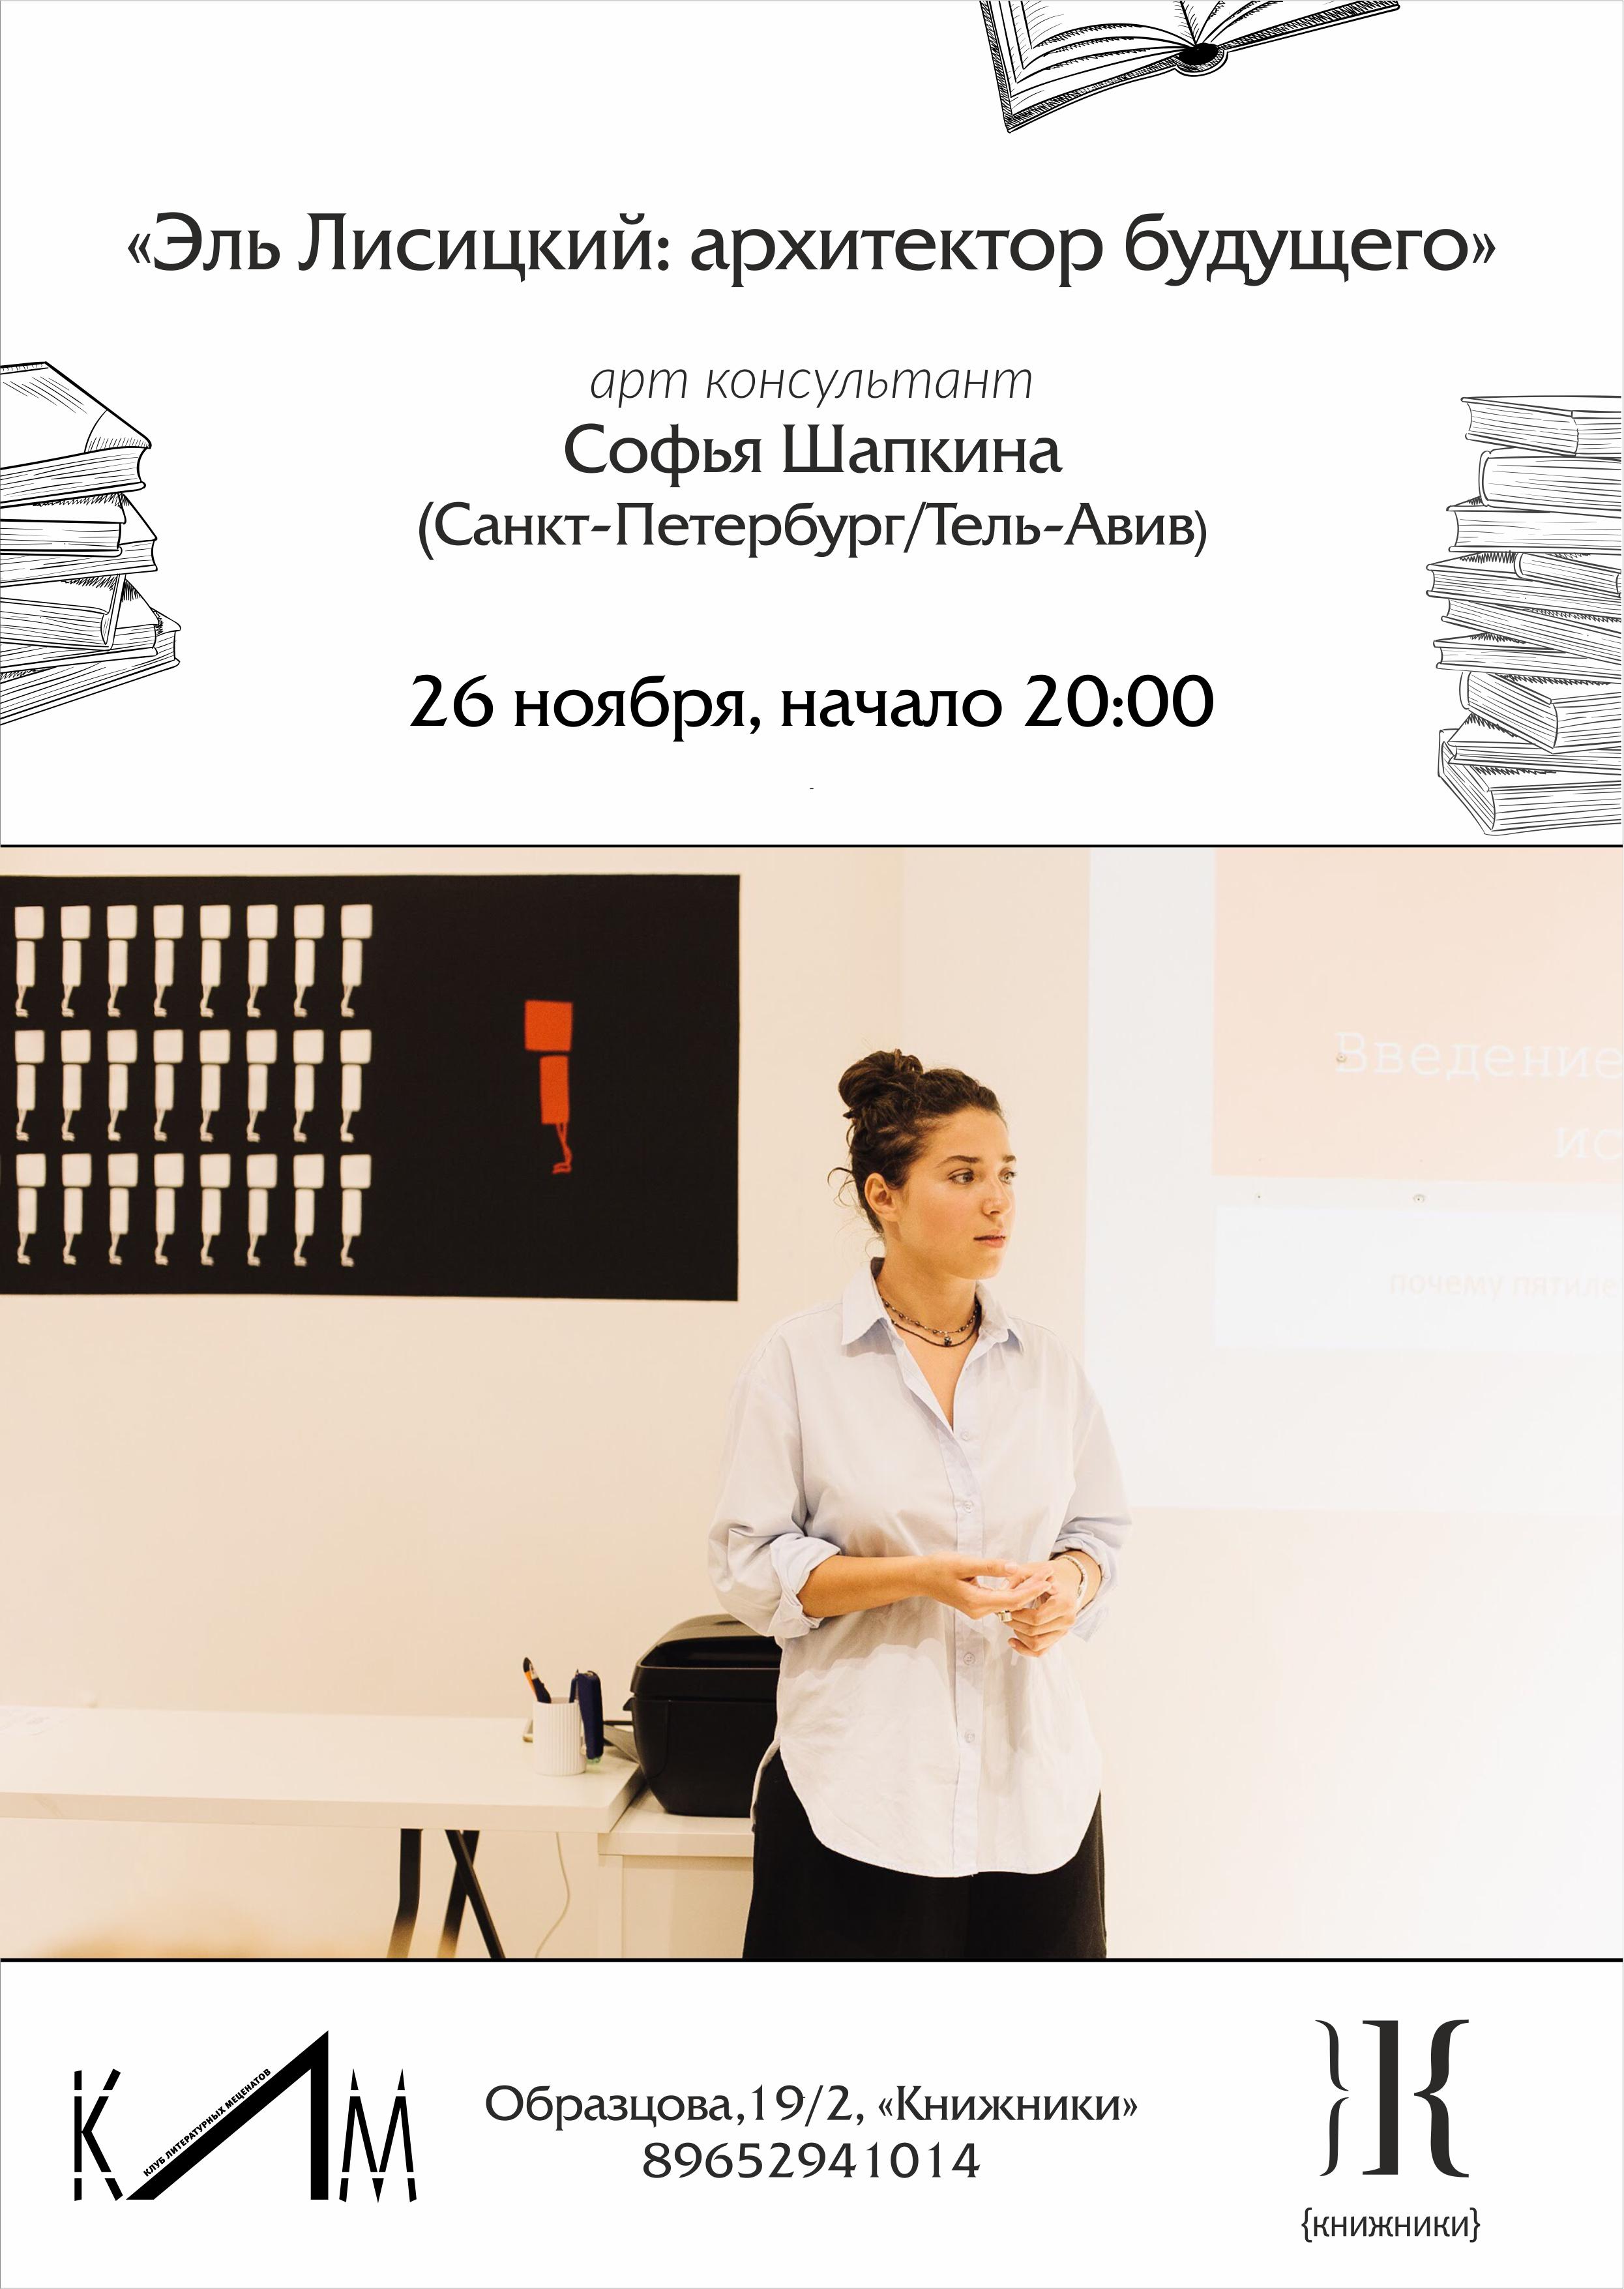 «Эль Лисицкий: архитектор будущего»